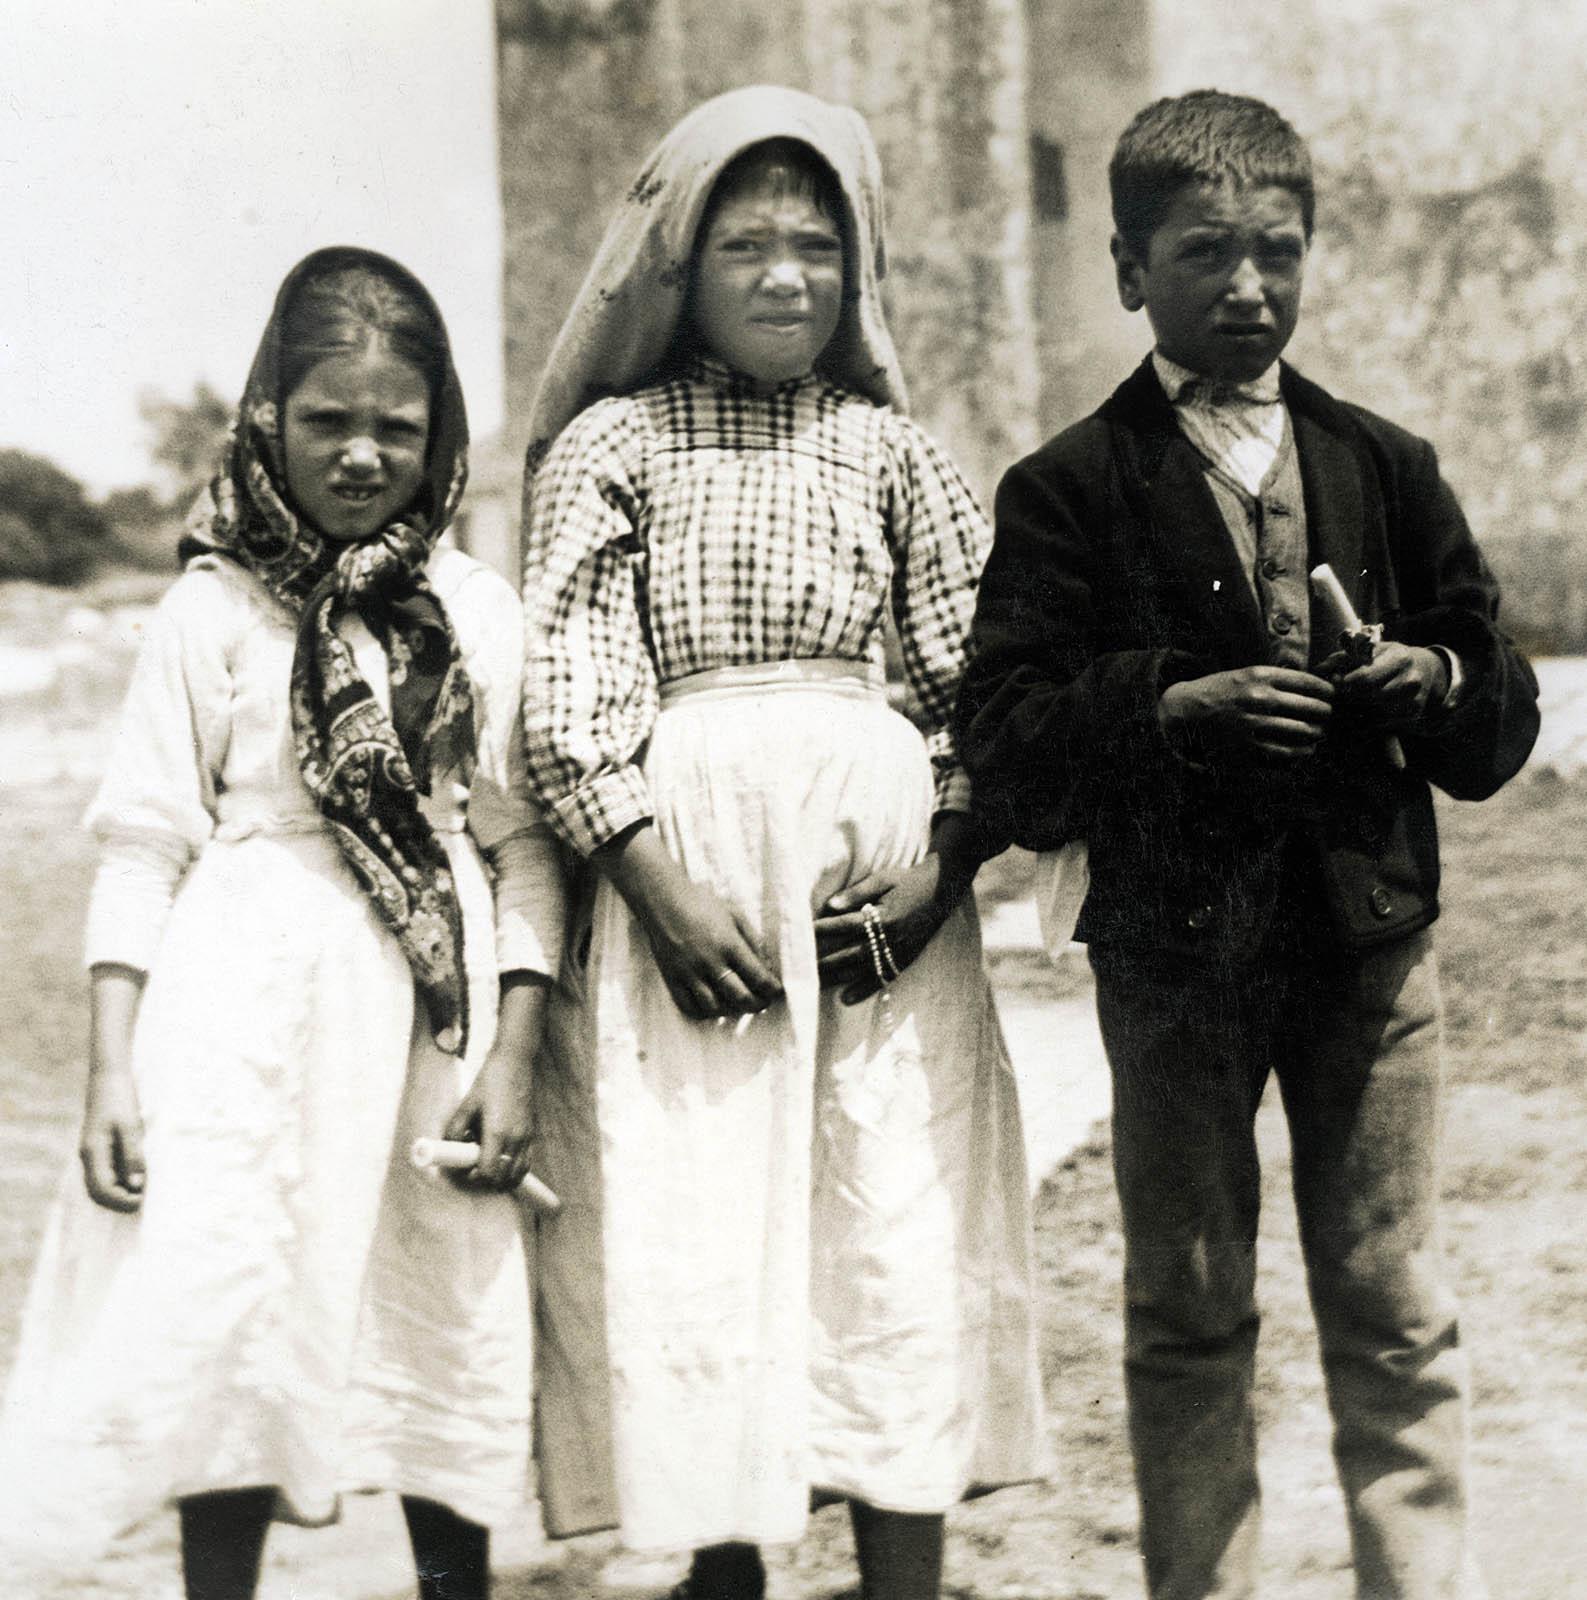 Visión del Infierno - Segundo Secreto de Fátima - Jacinta, Lucía y Francisco